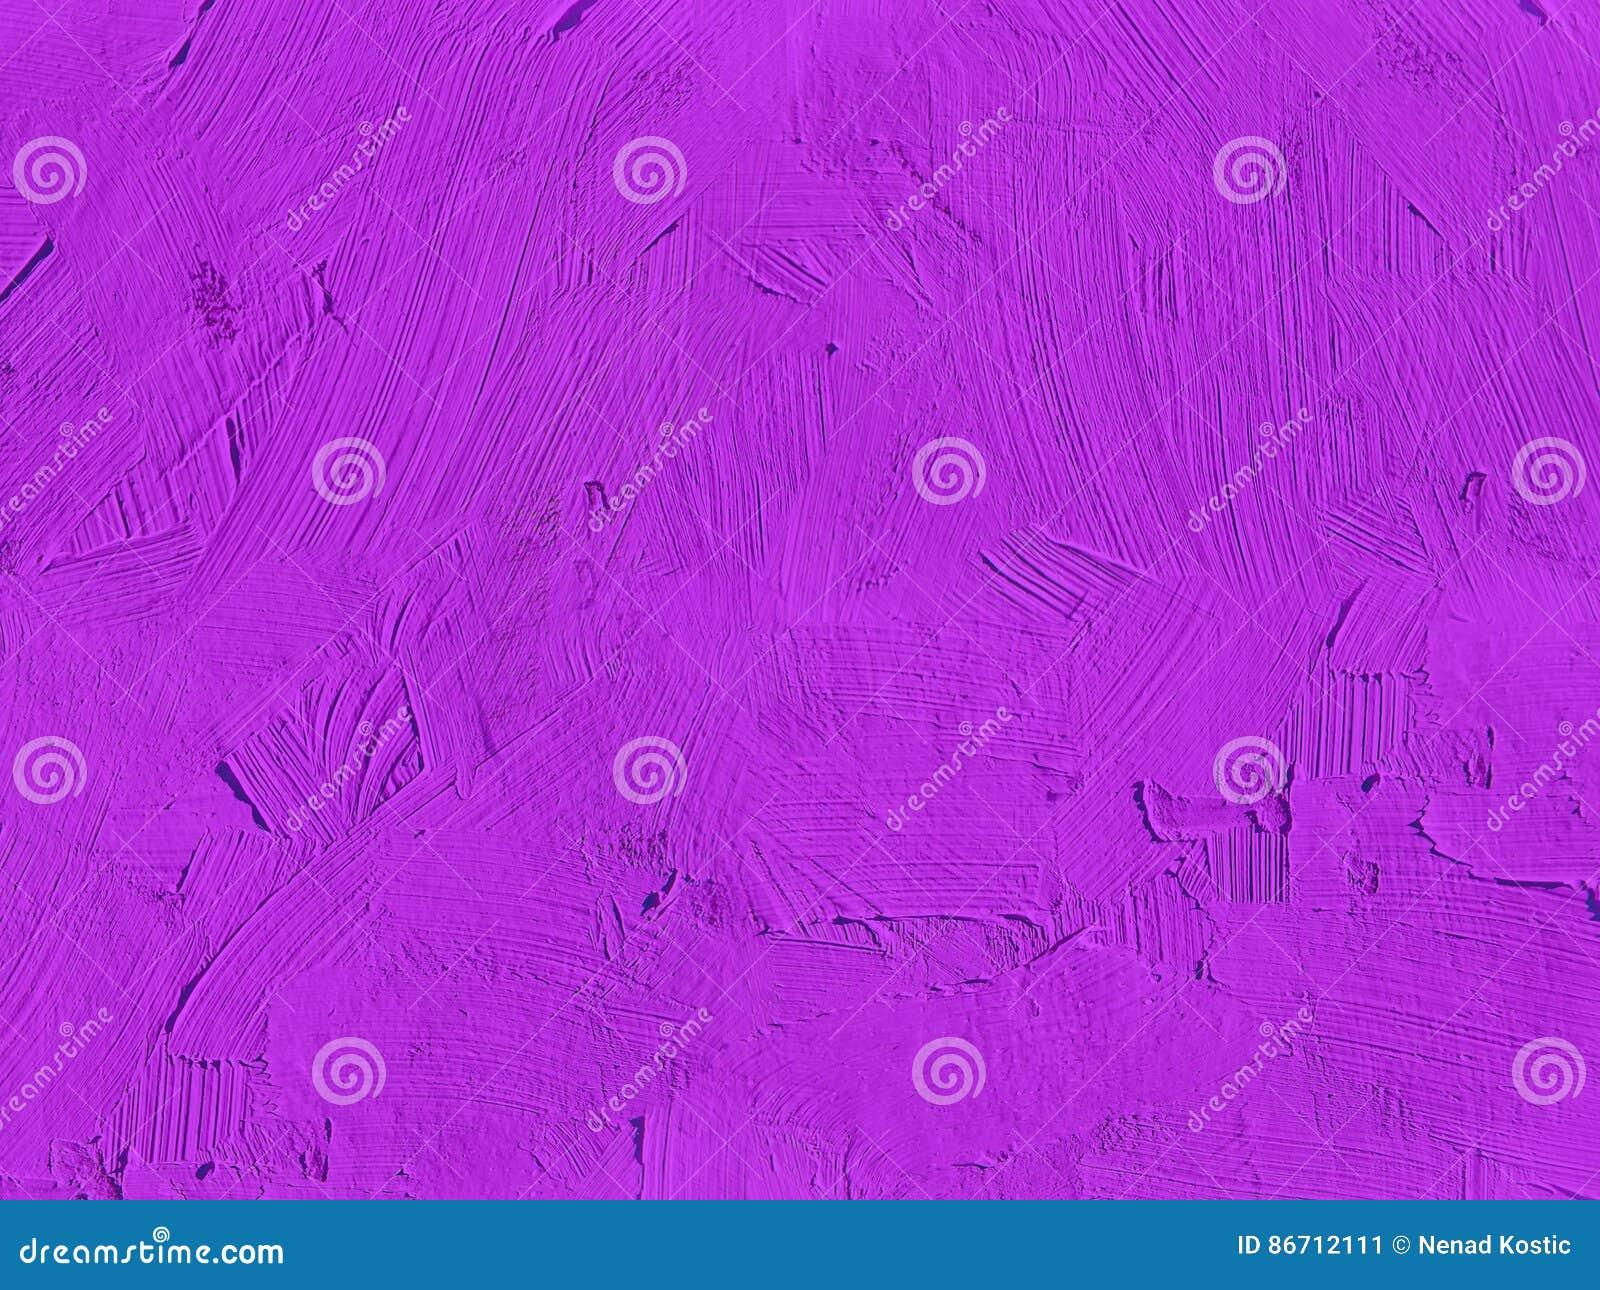 Elegant Different Colors Of Purple Paints